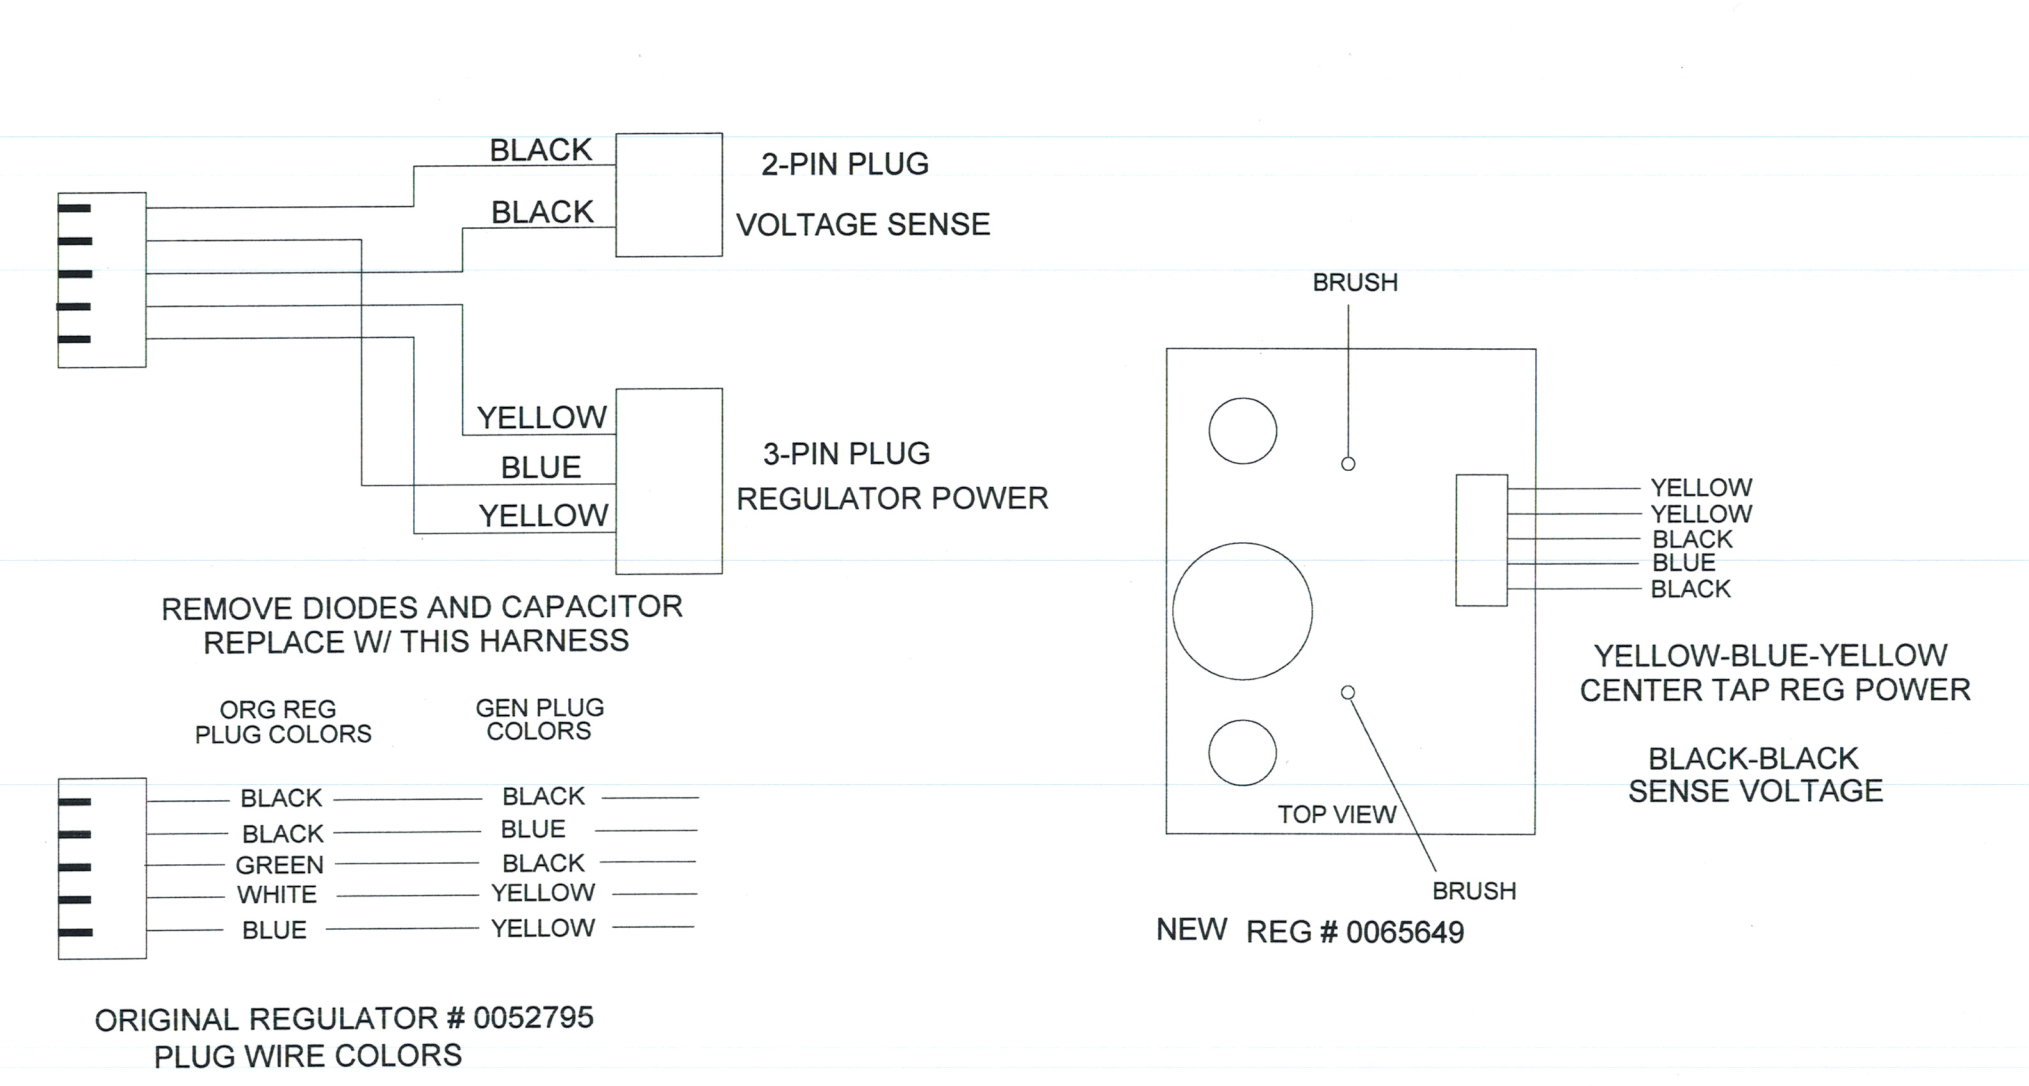 Pleasant Powermate Wiring Diagrams Wiring Diagram Wiring Cloud Onicaalyptbenolwigegmohammedshrineorg